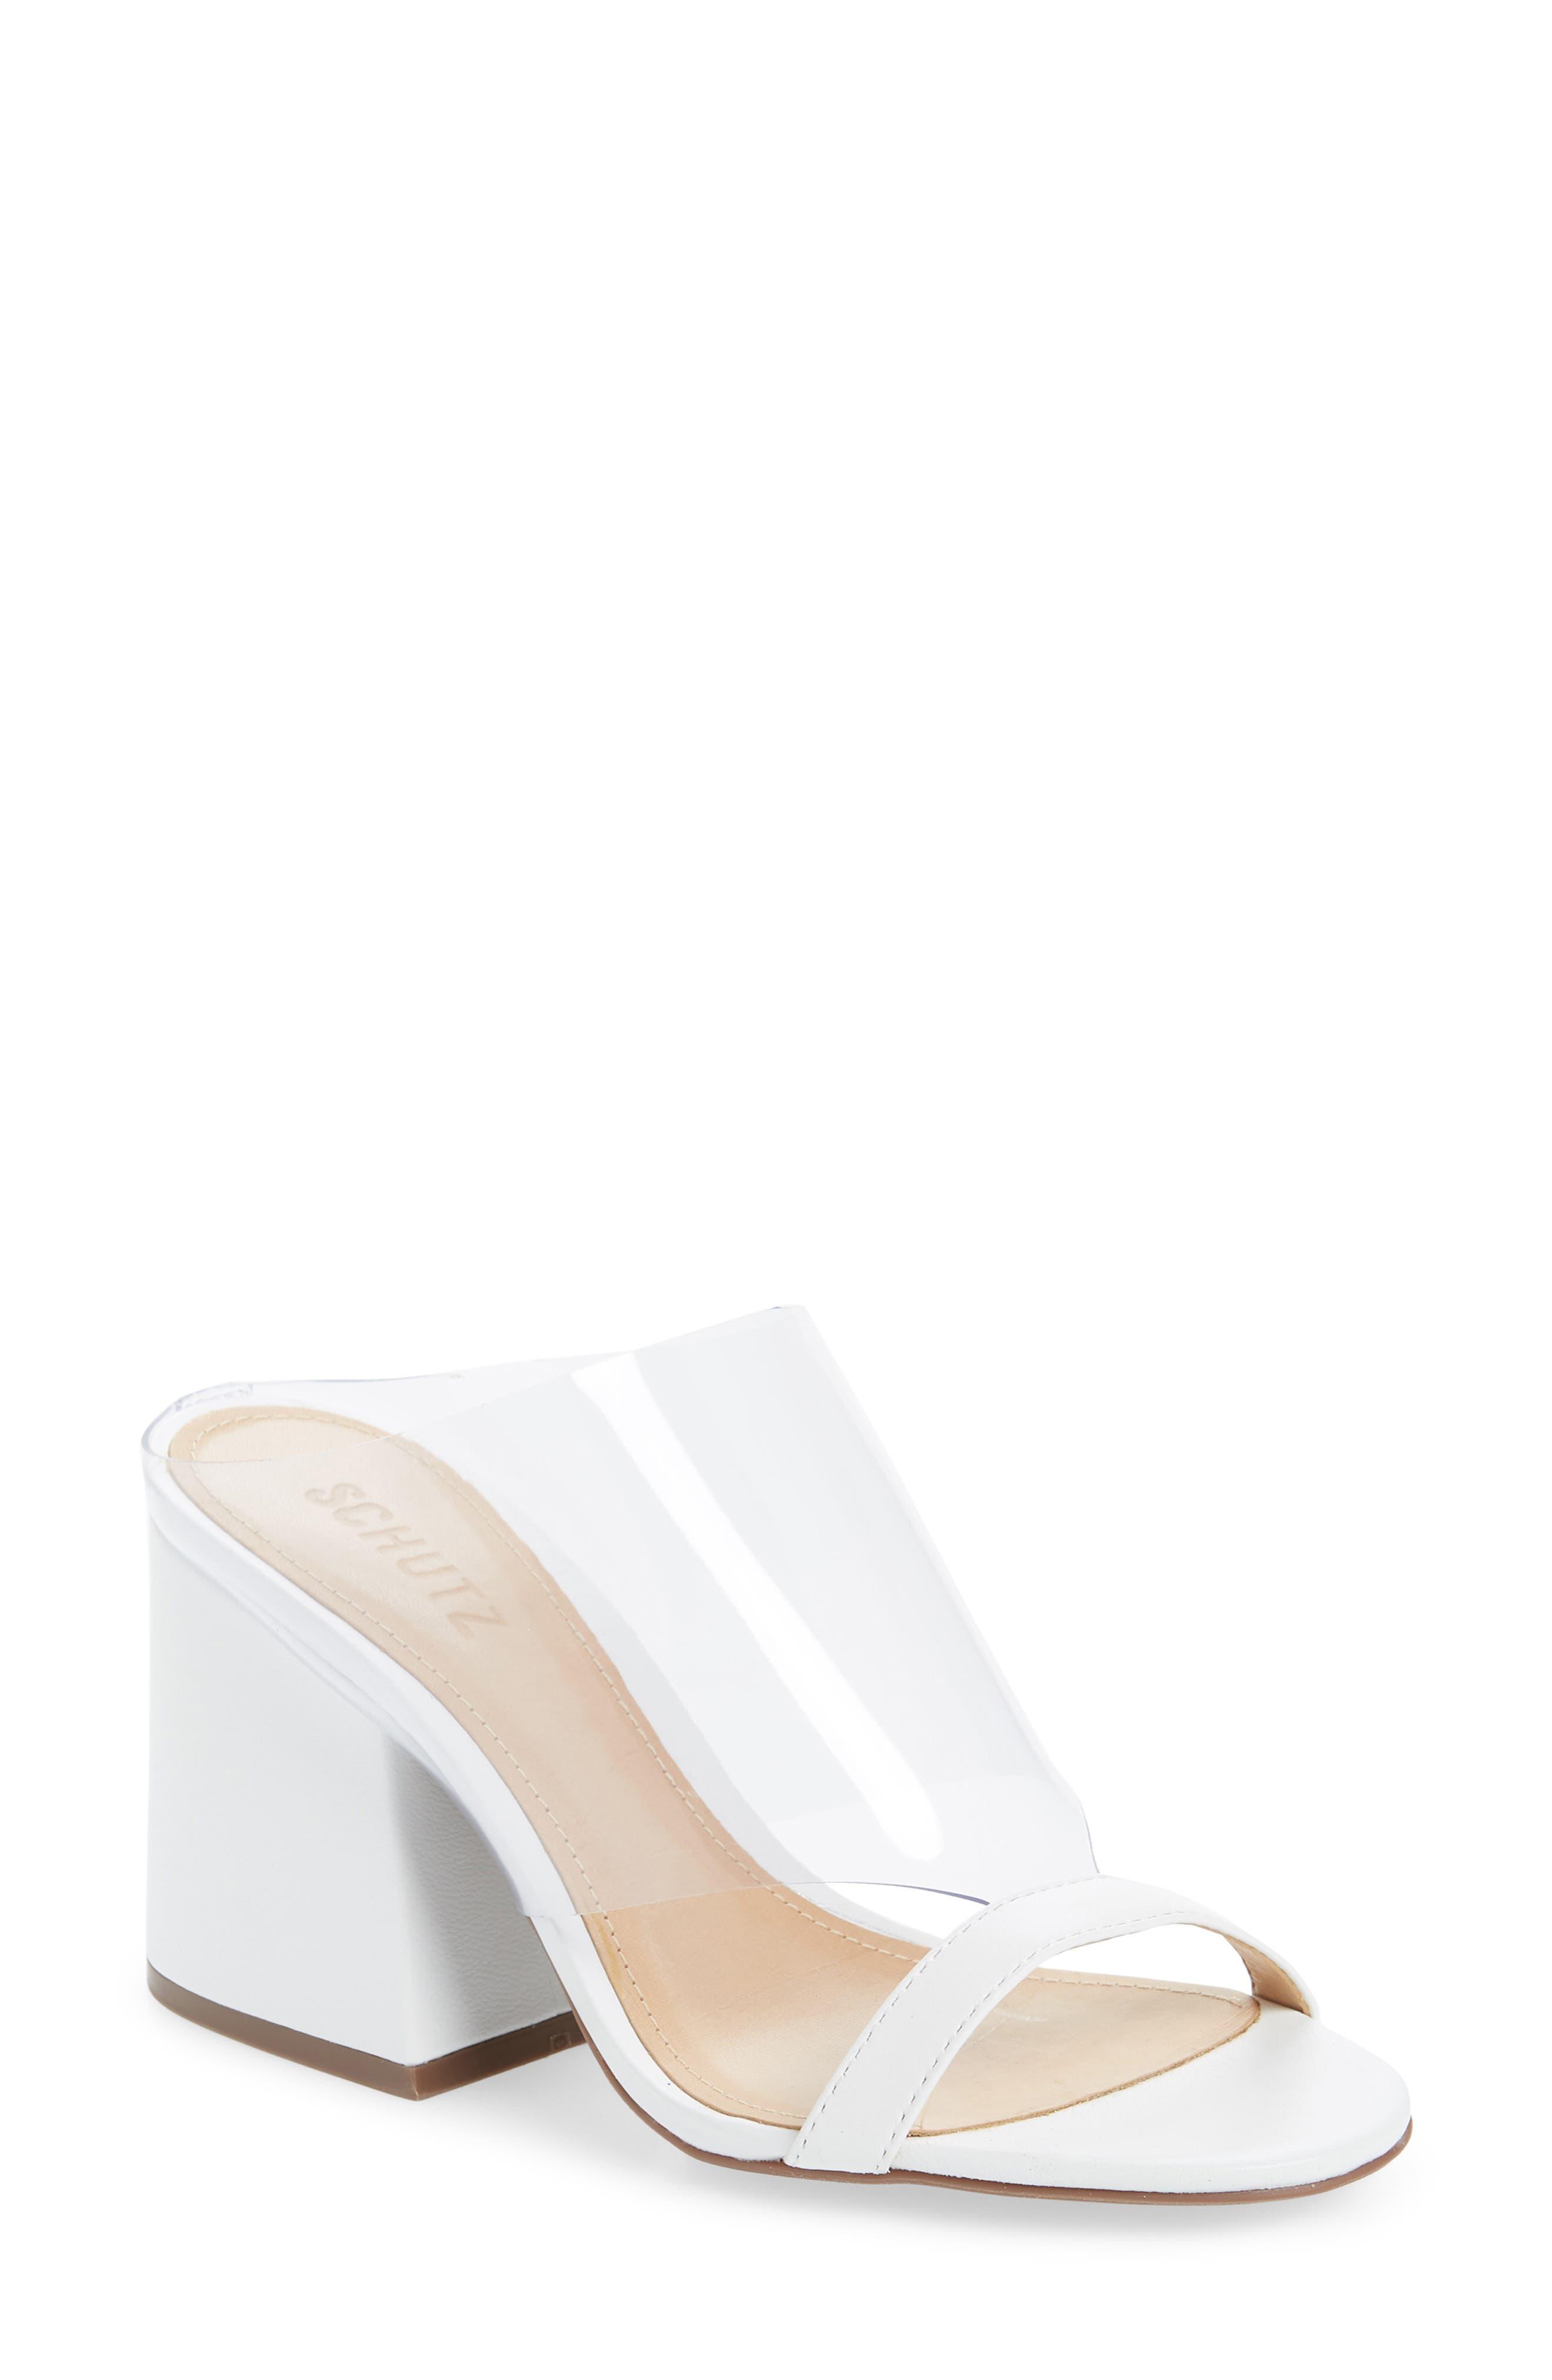 Schutz Raira Sandal, White